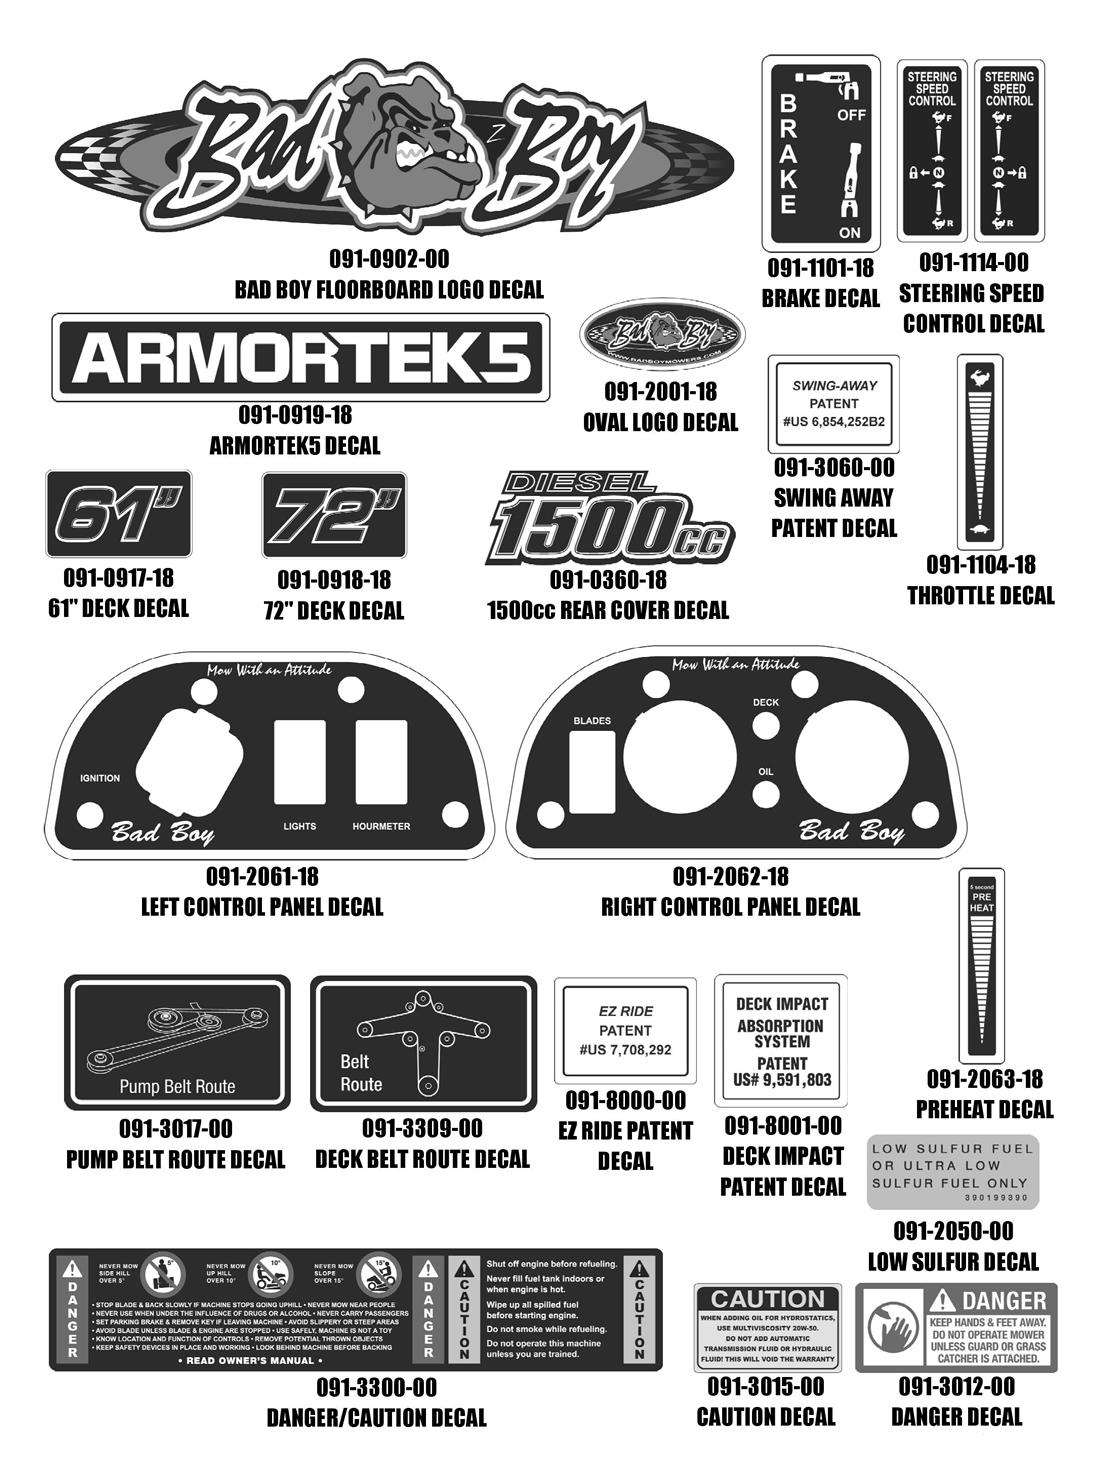 Bad Boy Mower Diesel Series Manual Guide